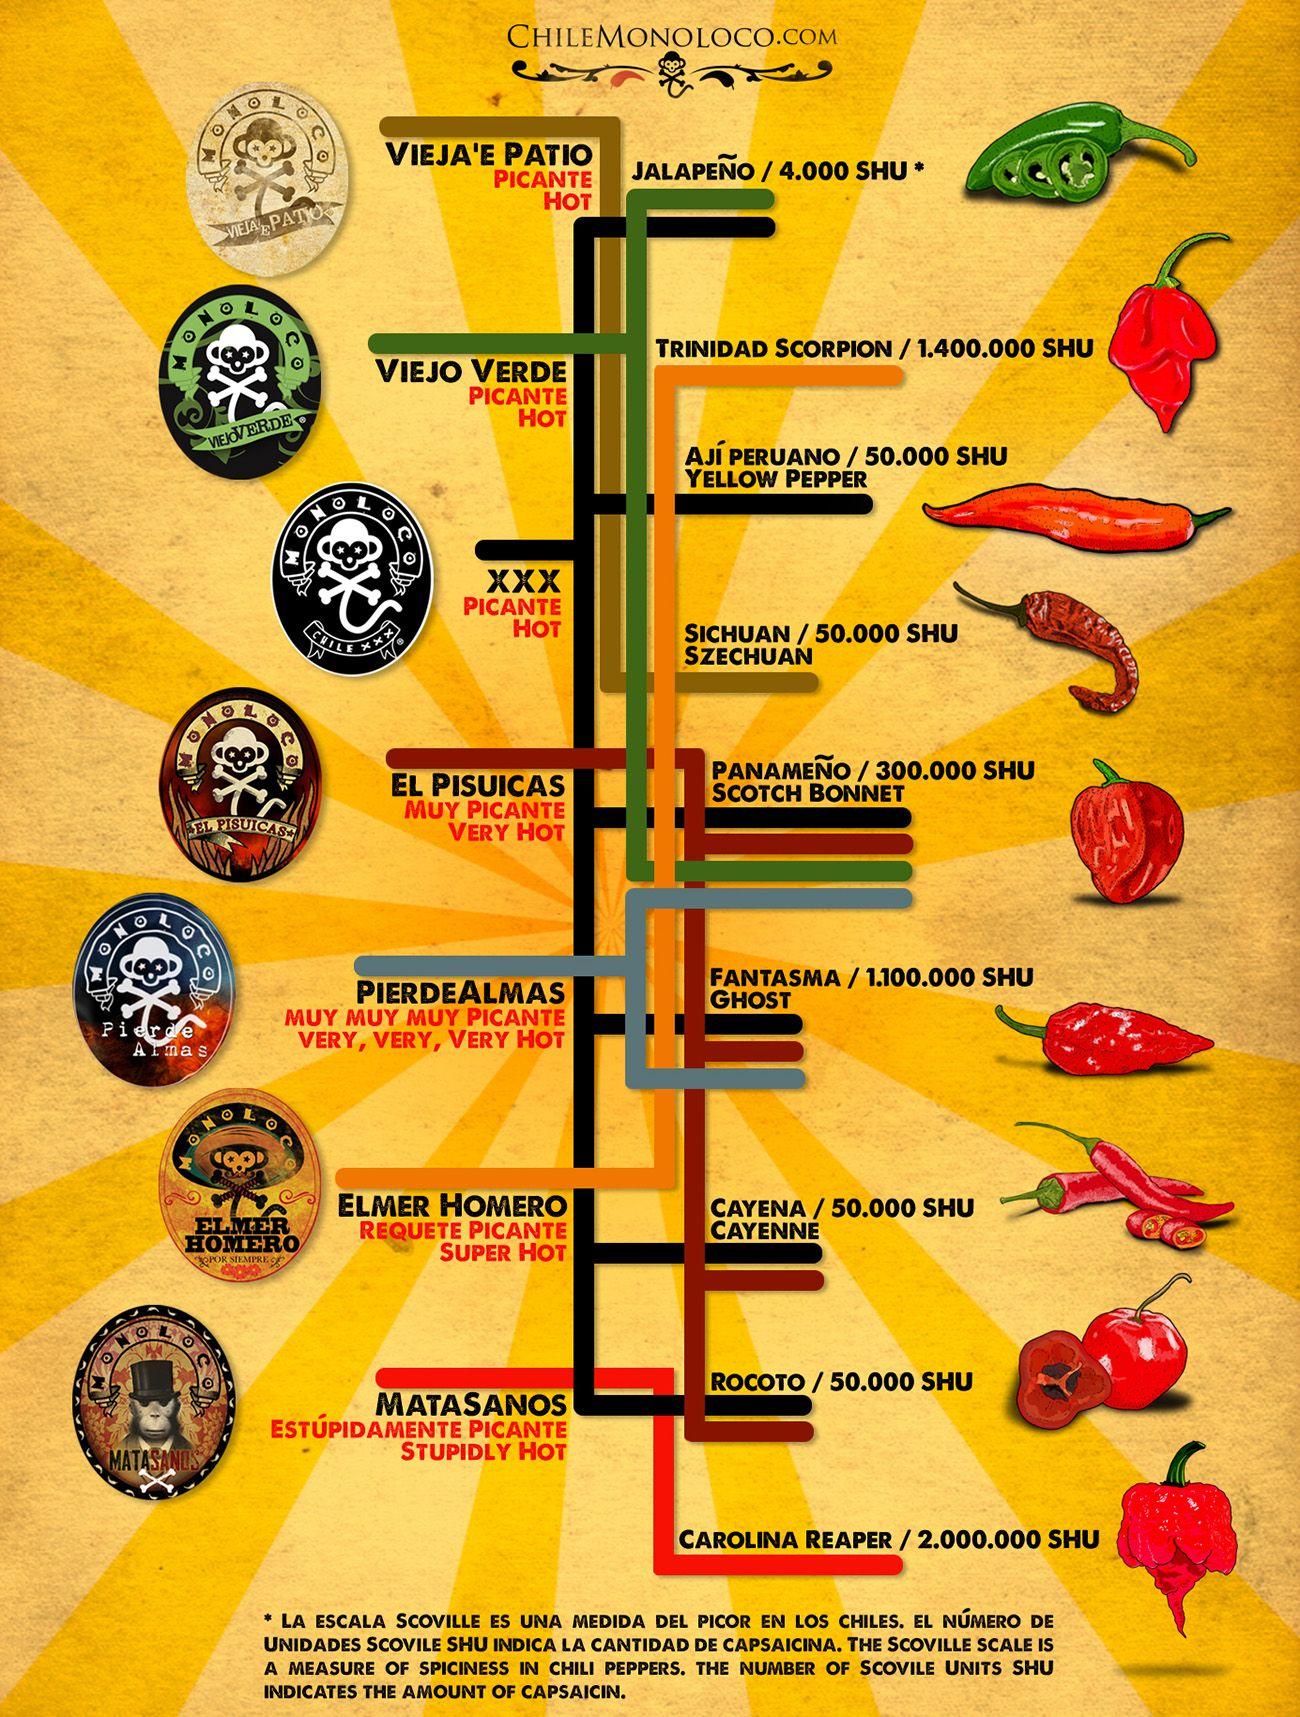 Chile Monoloco Info